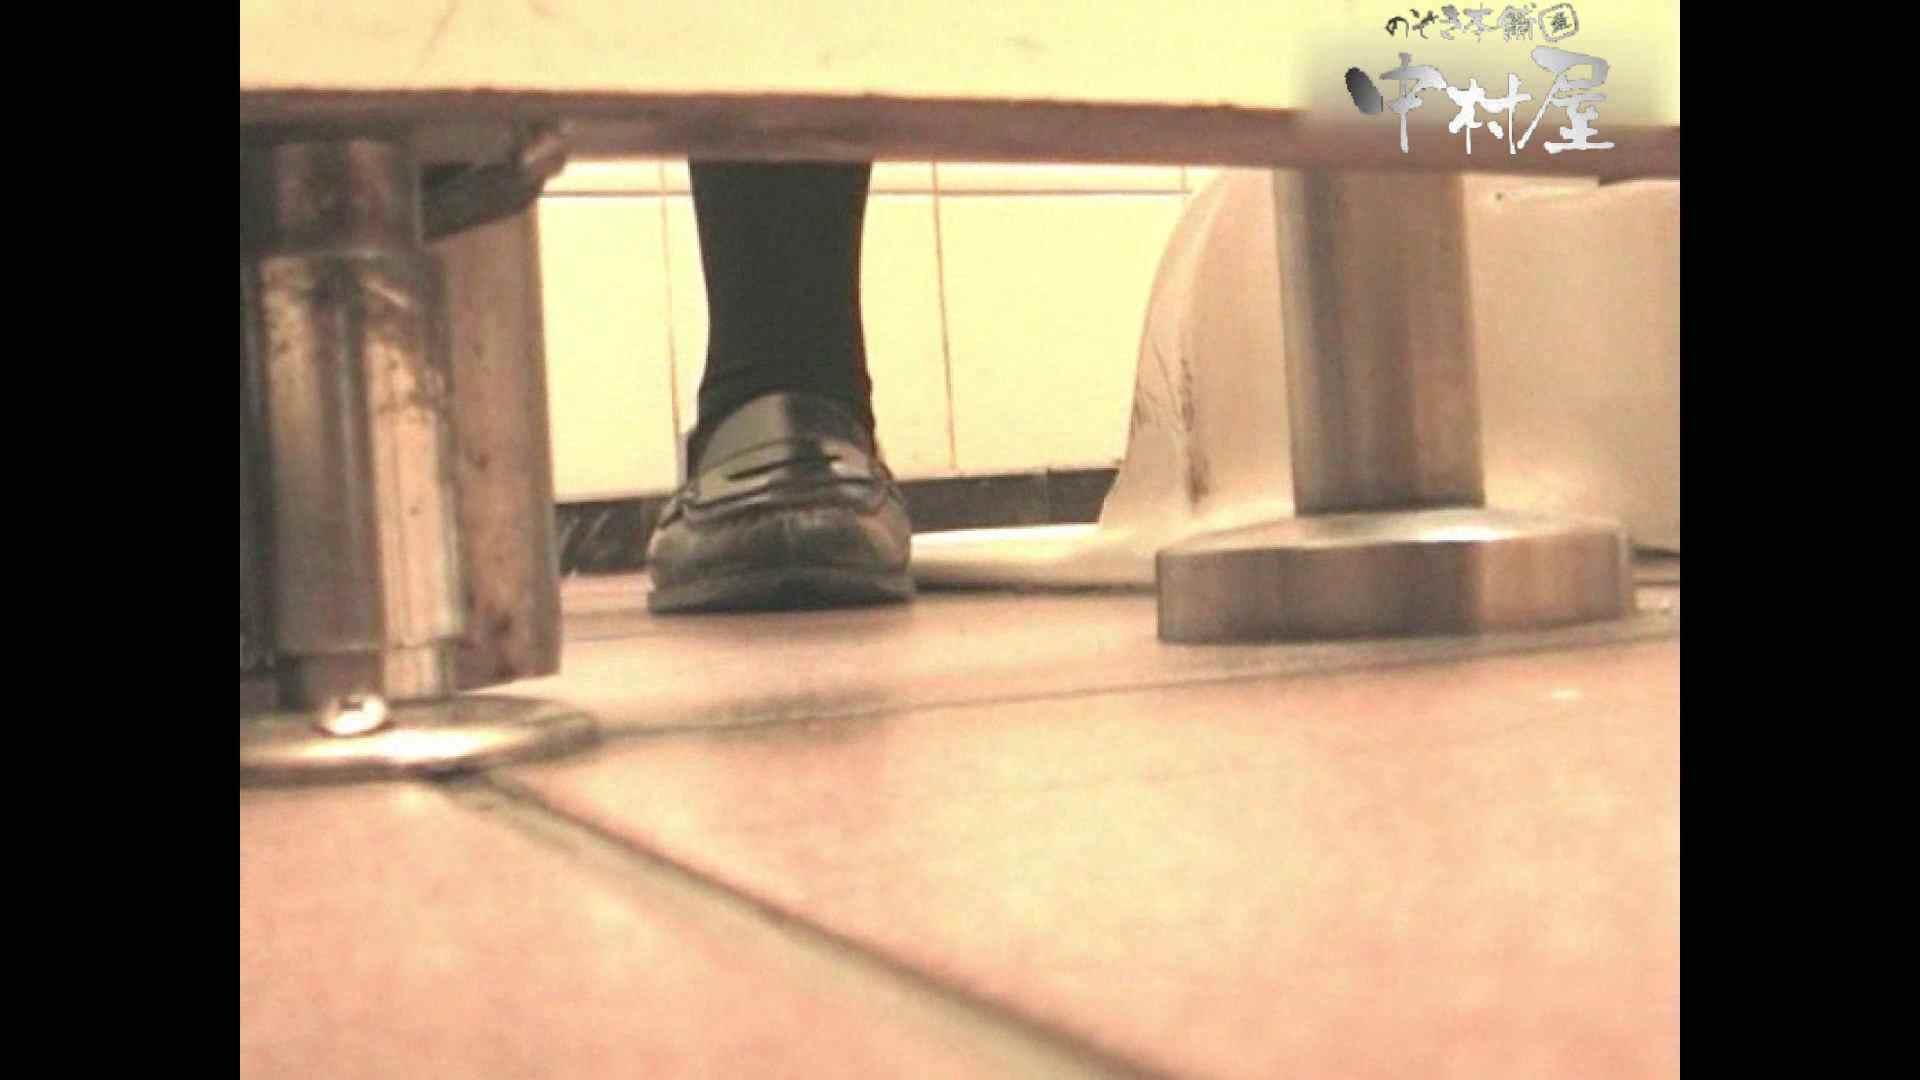 岩手県在住盗撮師盗撮記録vol.05 厠 盗み撮りSEX無修正画像 51連発 5